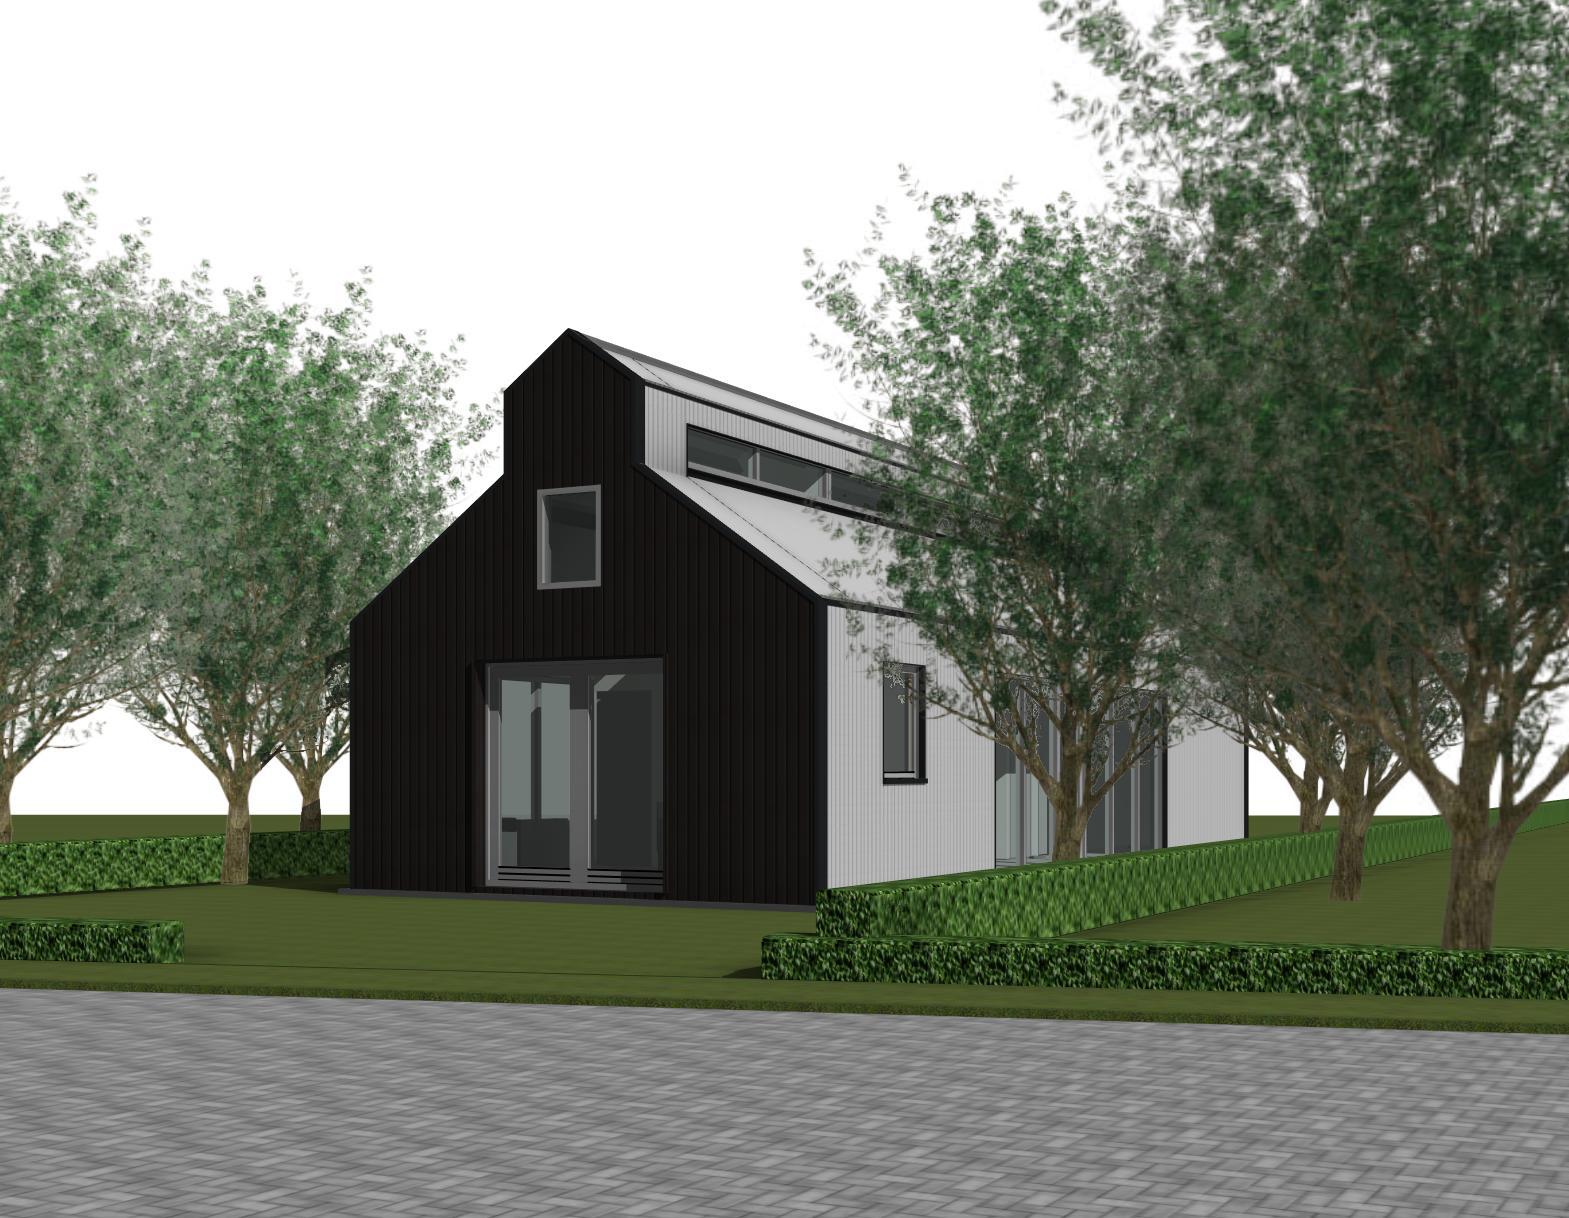 Prairieschuurwoning in waarland schuurwoning nico dekker ontwerp bouwkunde - Moderne buitenkant indeling ...